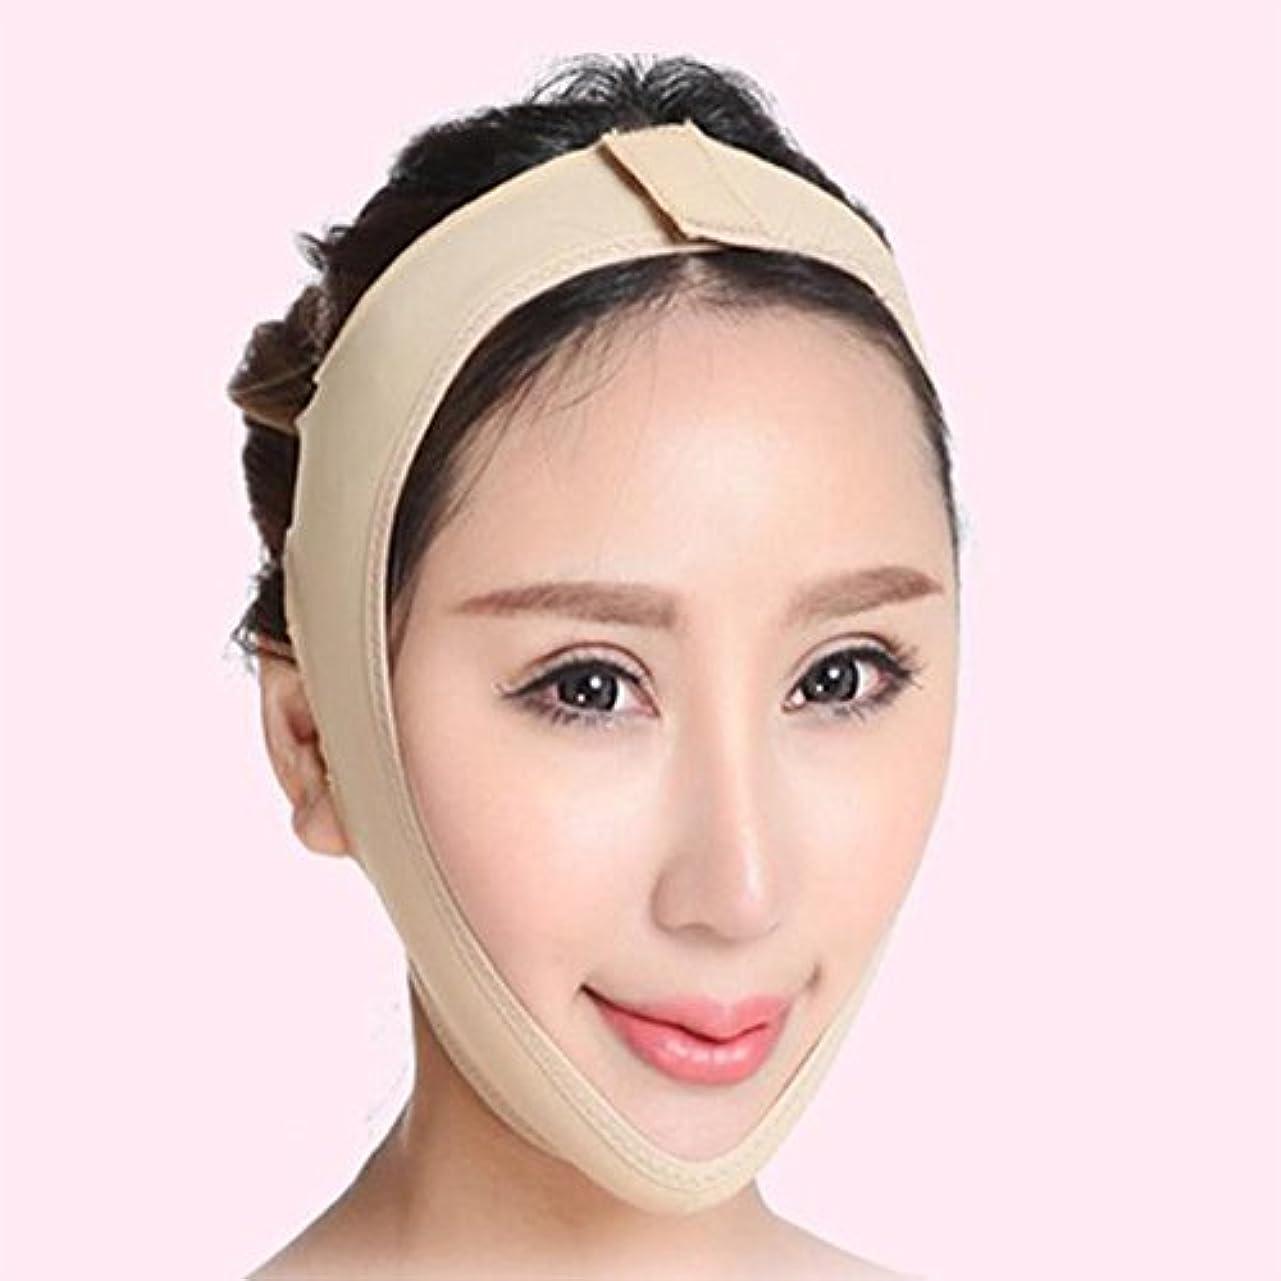 無実スピーカー強打SD 小顔 小顔マスク リフトアップ マスク フェイスライン 矯正 あご シャープ メンズ レディース Lサイズ AZD15003-L